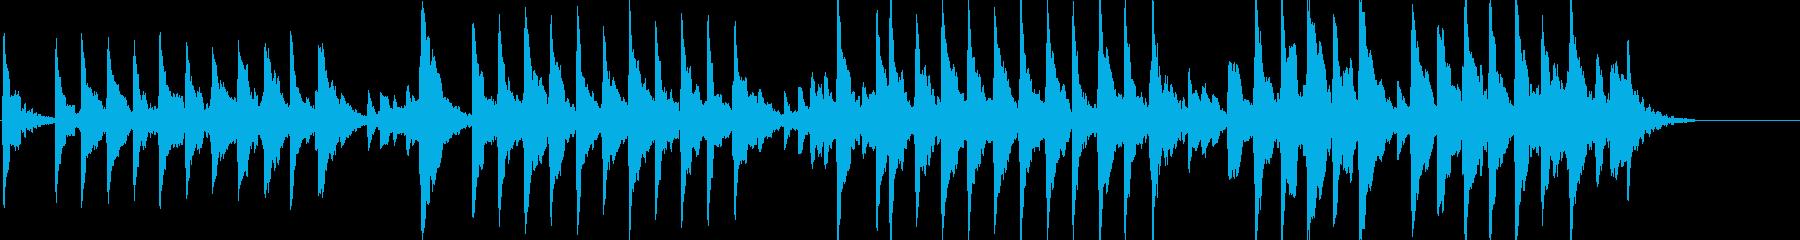 童謡「夕焼け小焼け」オルゴールbpm96の再生済みの波形